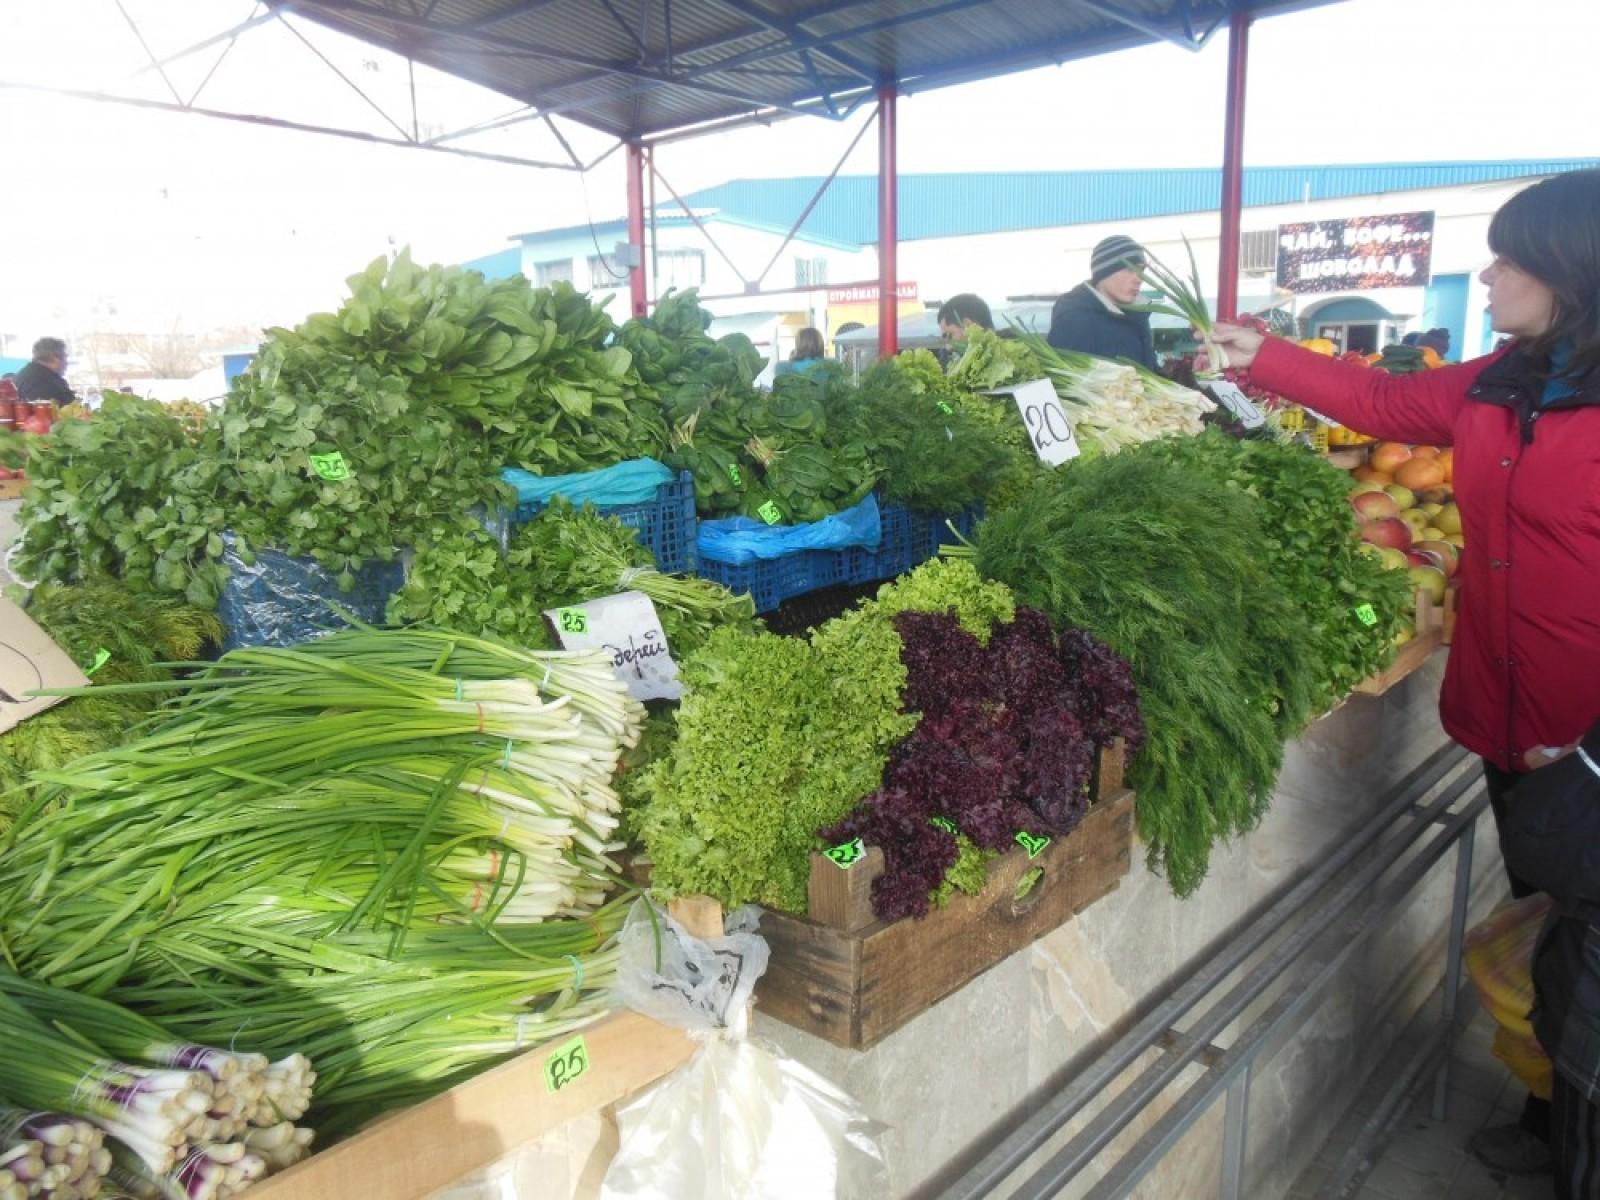 Прибыльный бизнес: выращивание зелени на продажу 5